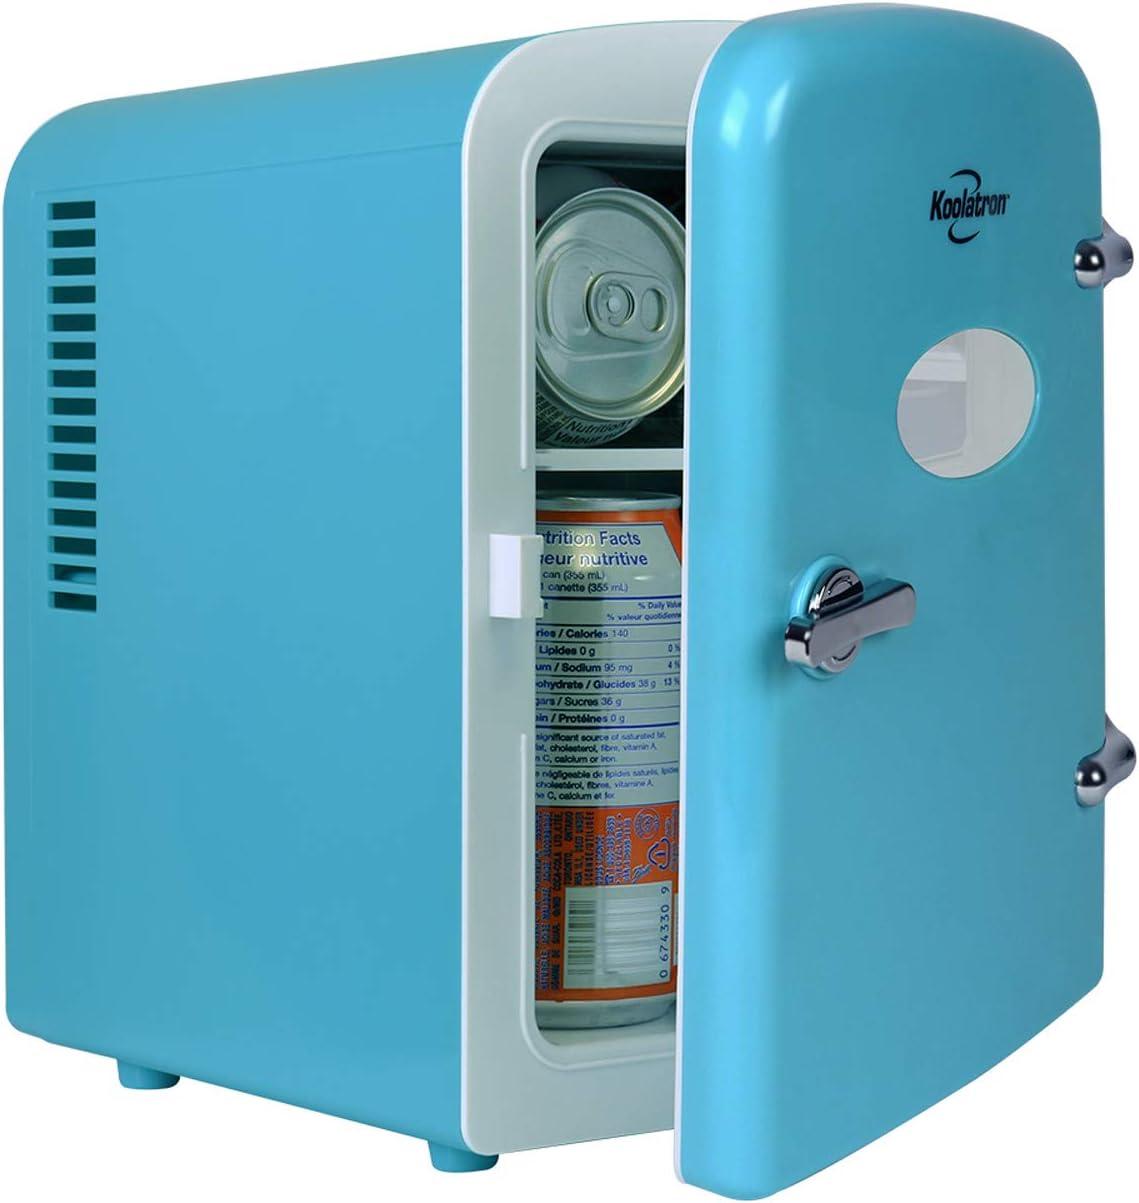 Koolatron Retro 送料無料 Mini Fridge 4 Thermoelectr 6 Can Portable ストア Liter